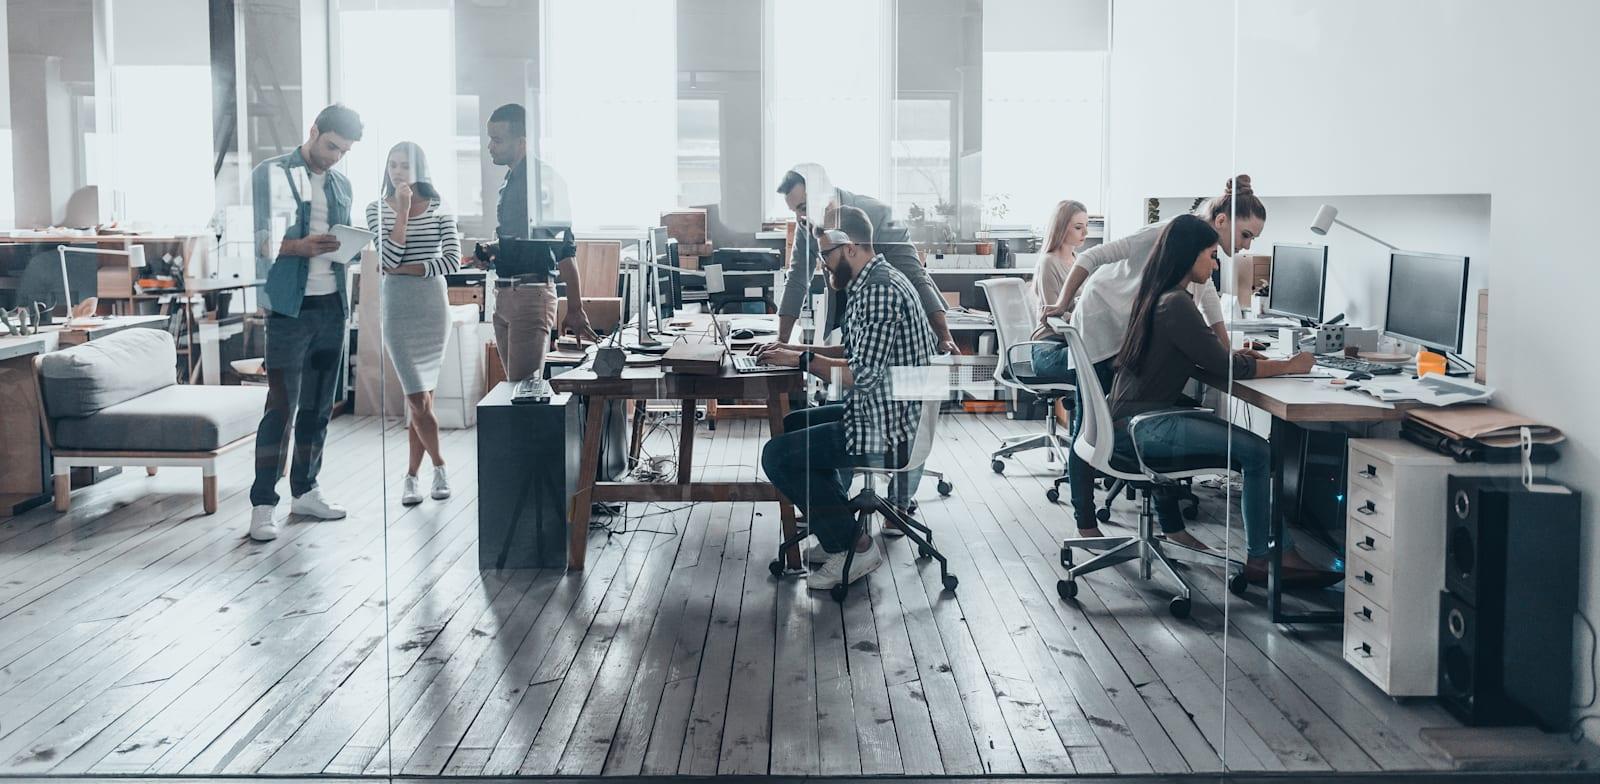 עבודה במשרד. הגיע הזמן להתקדם מגישת הפוליטיקלי קורקט / צילום: Shutterstock